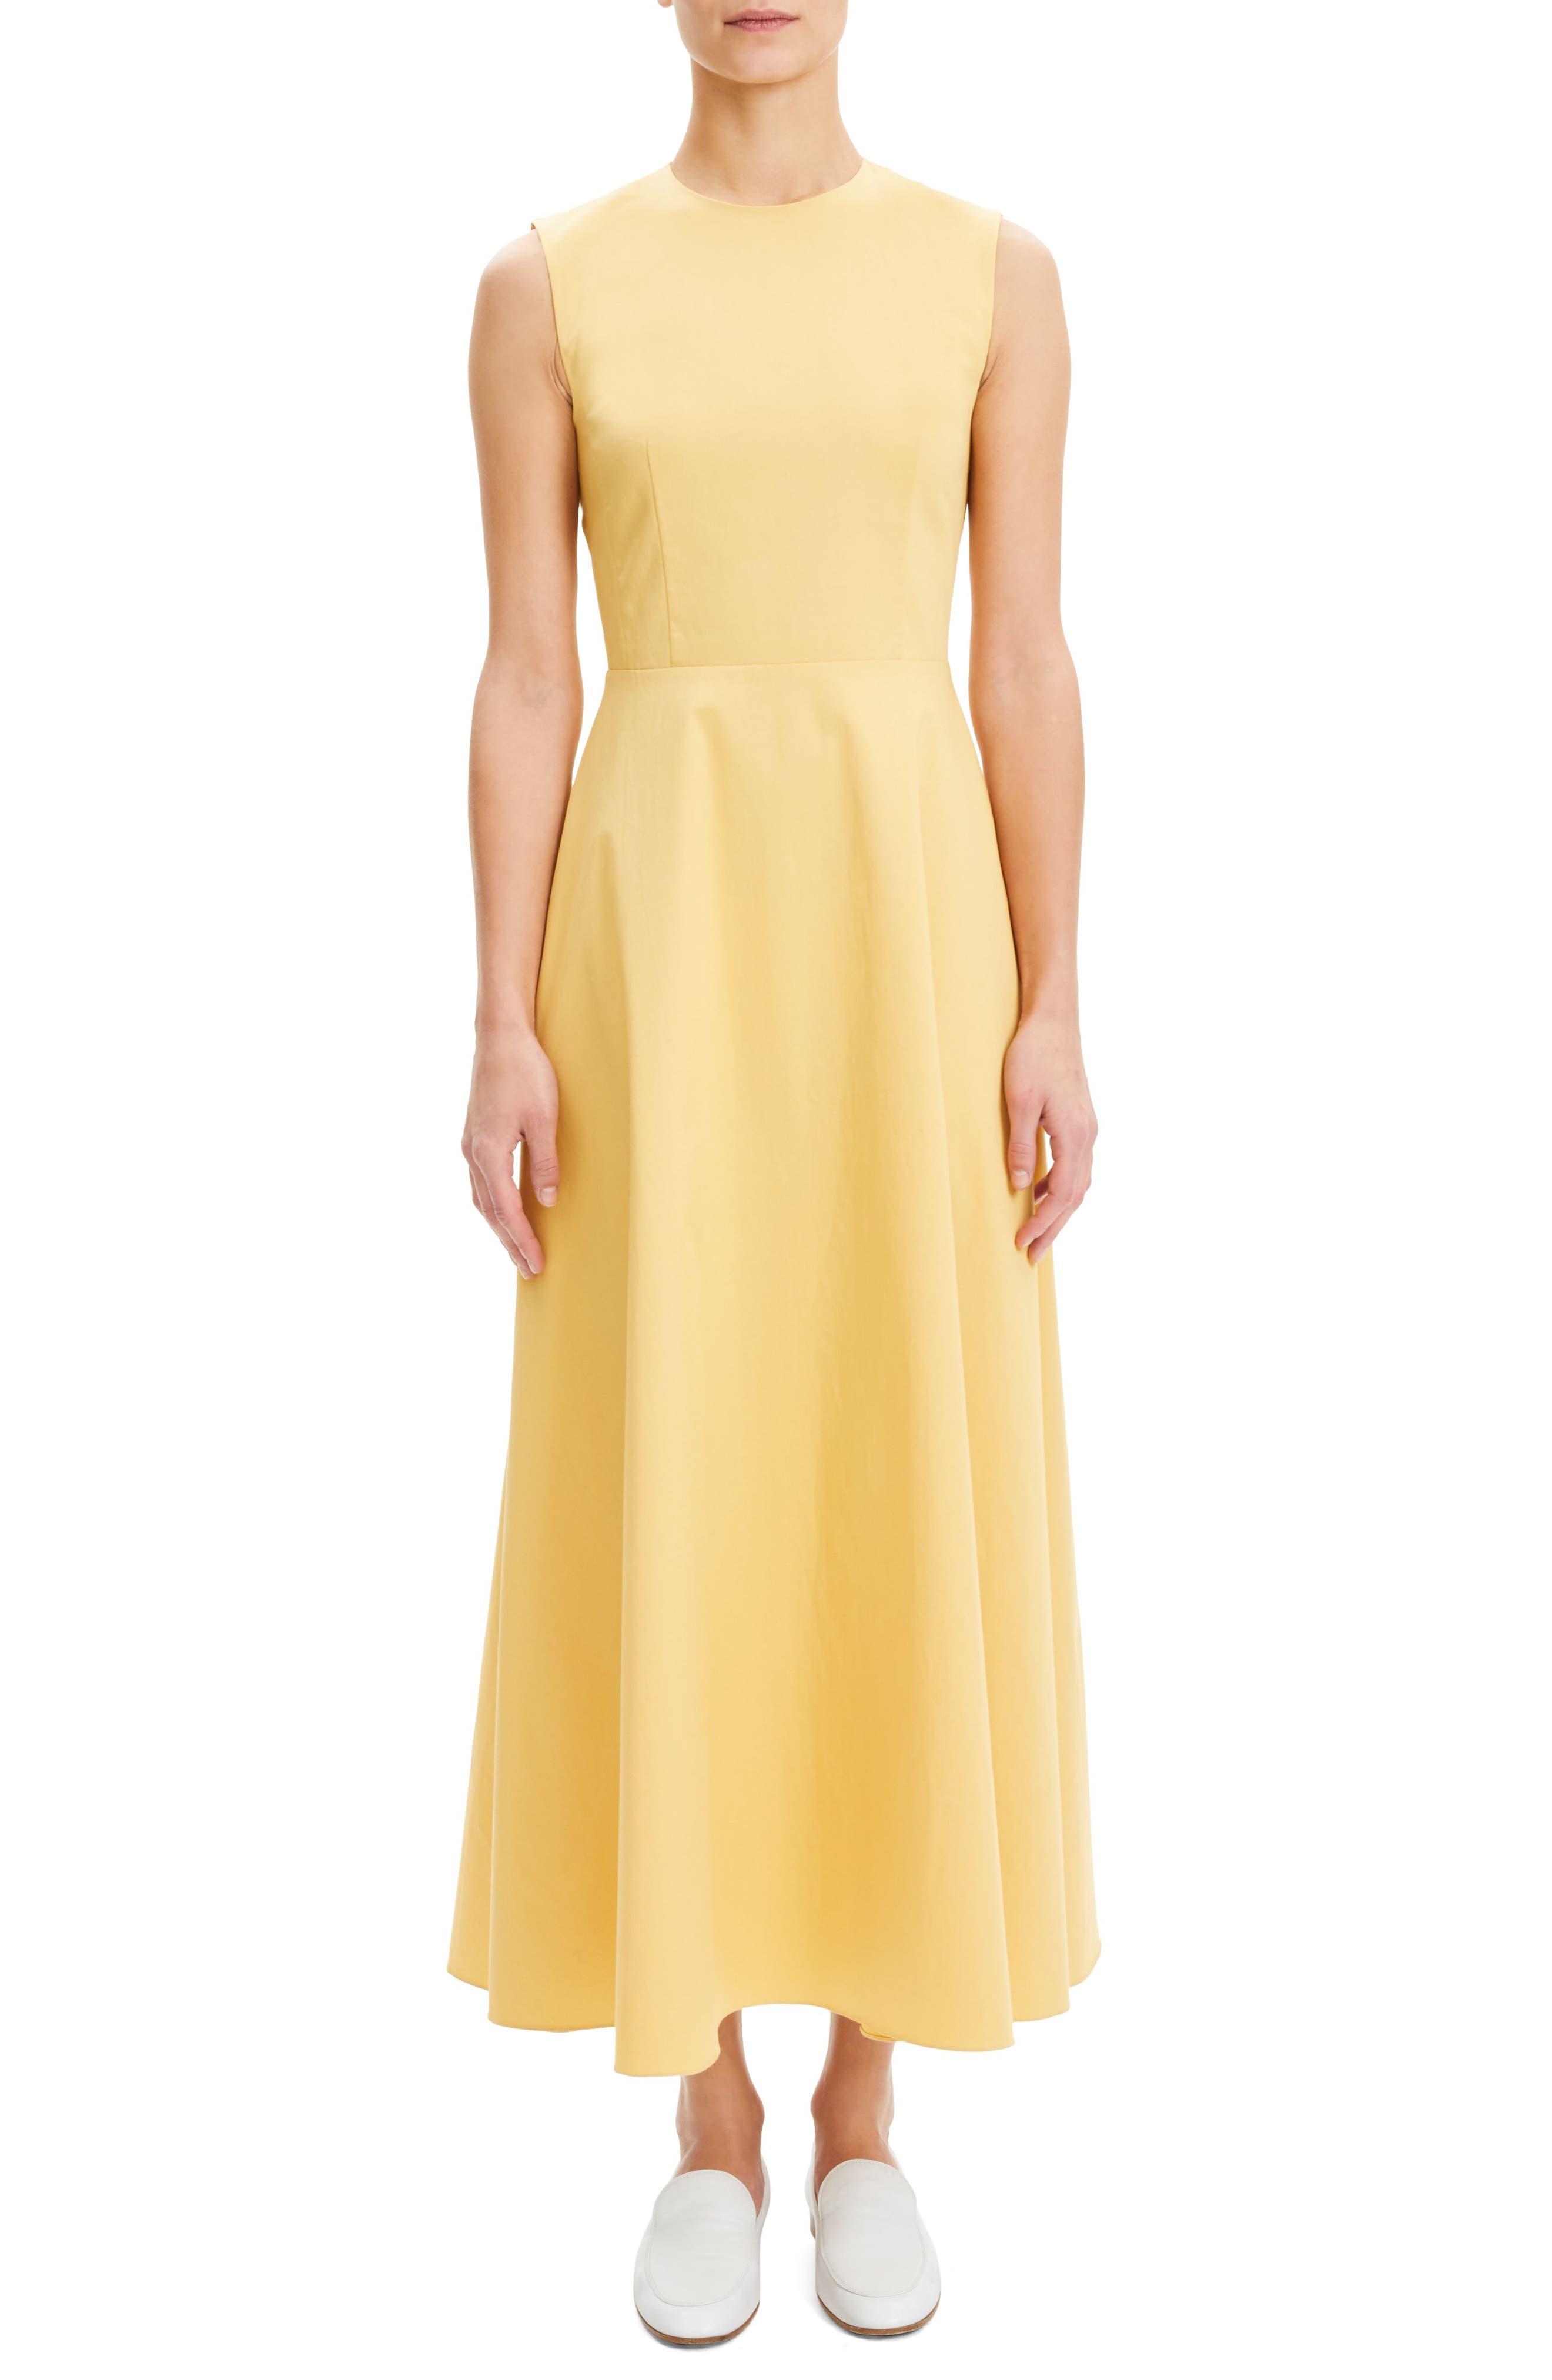 Theory Sleeveless Stretch Cotton Dress, Yellow